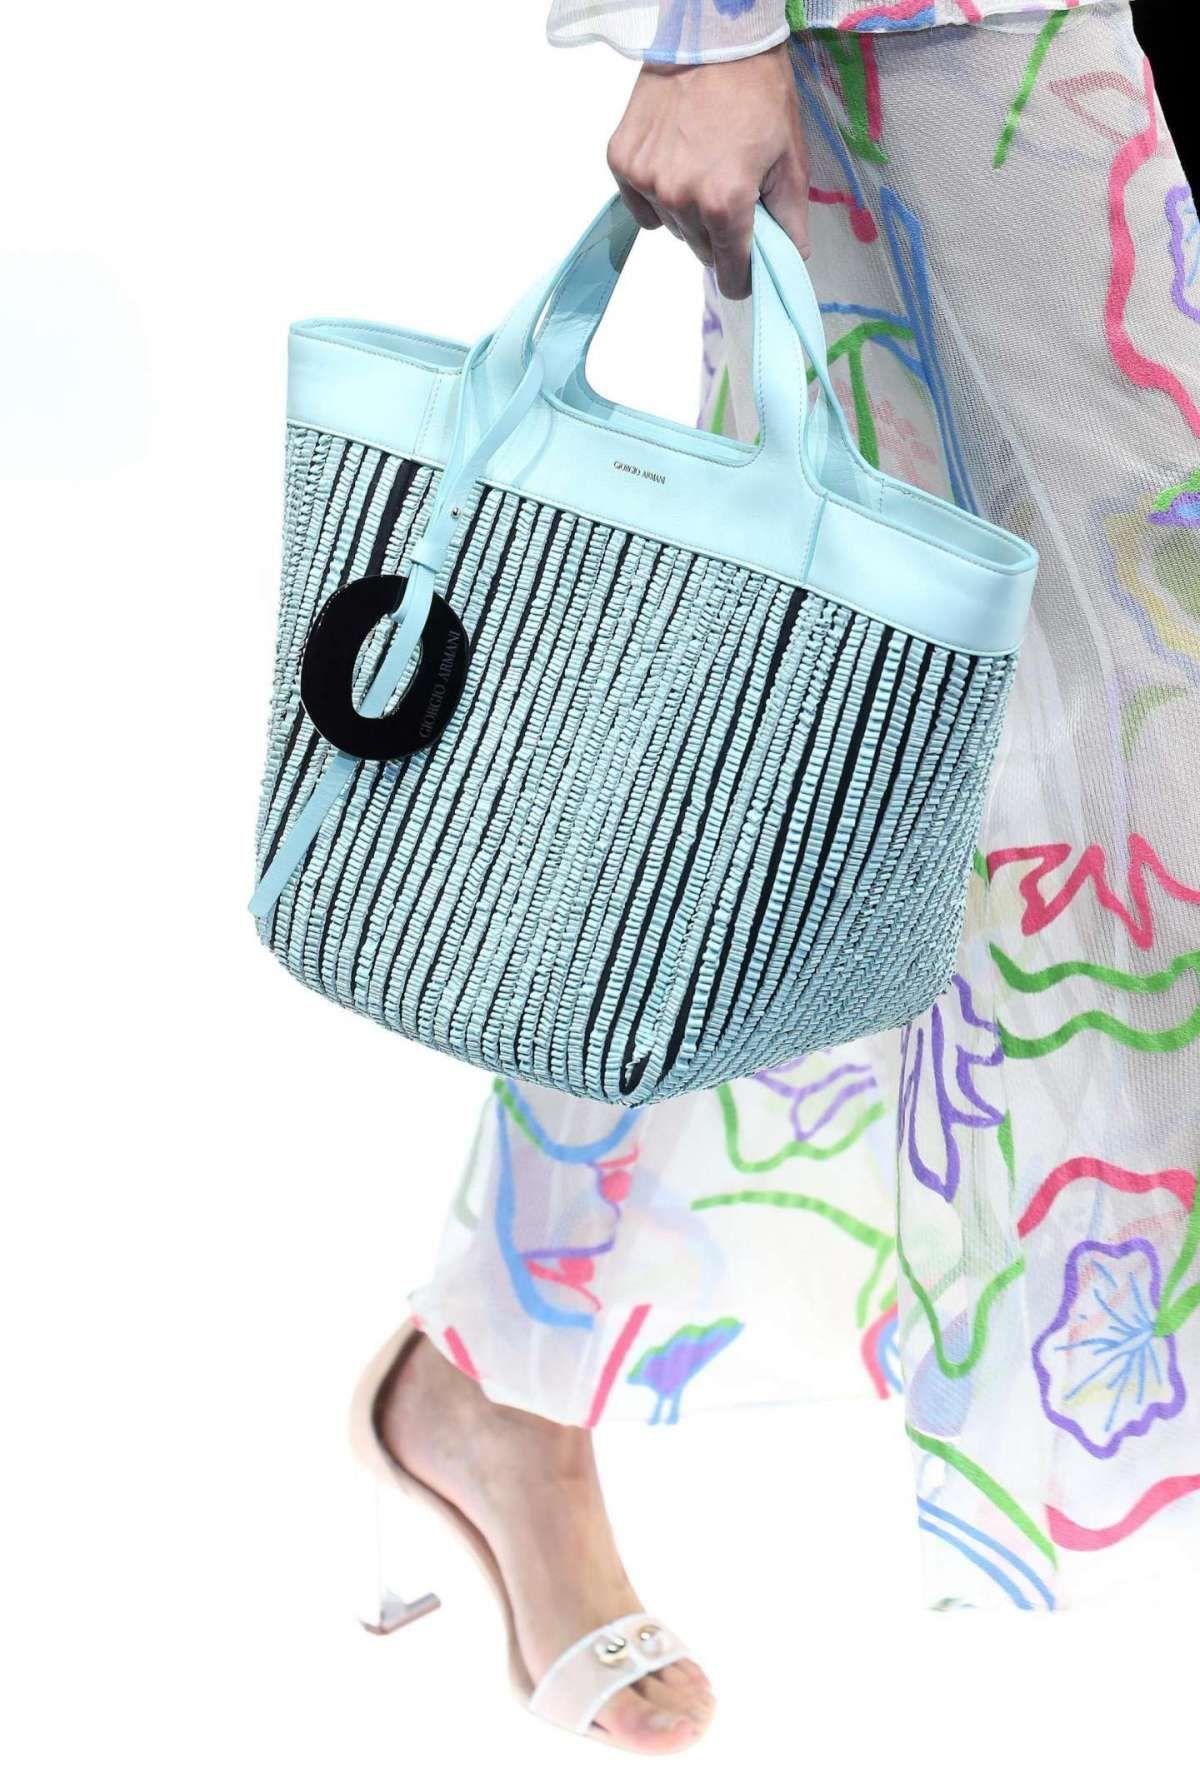 a8145d590 Borse Primavera Estate 2018, Milano Fashion Week (Foto 30/59)   Bags  Stylosophy